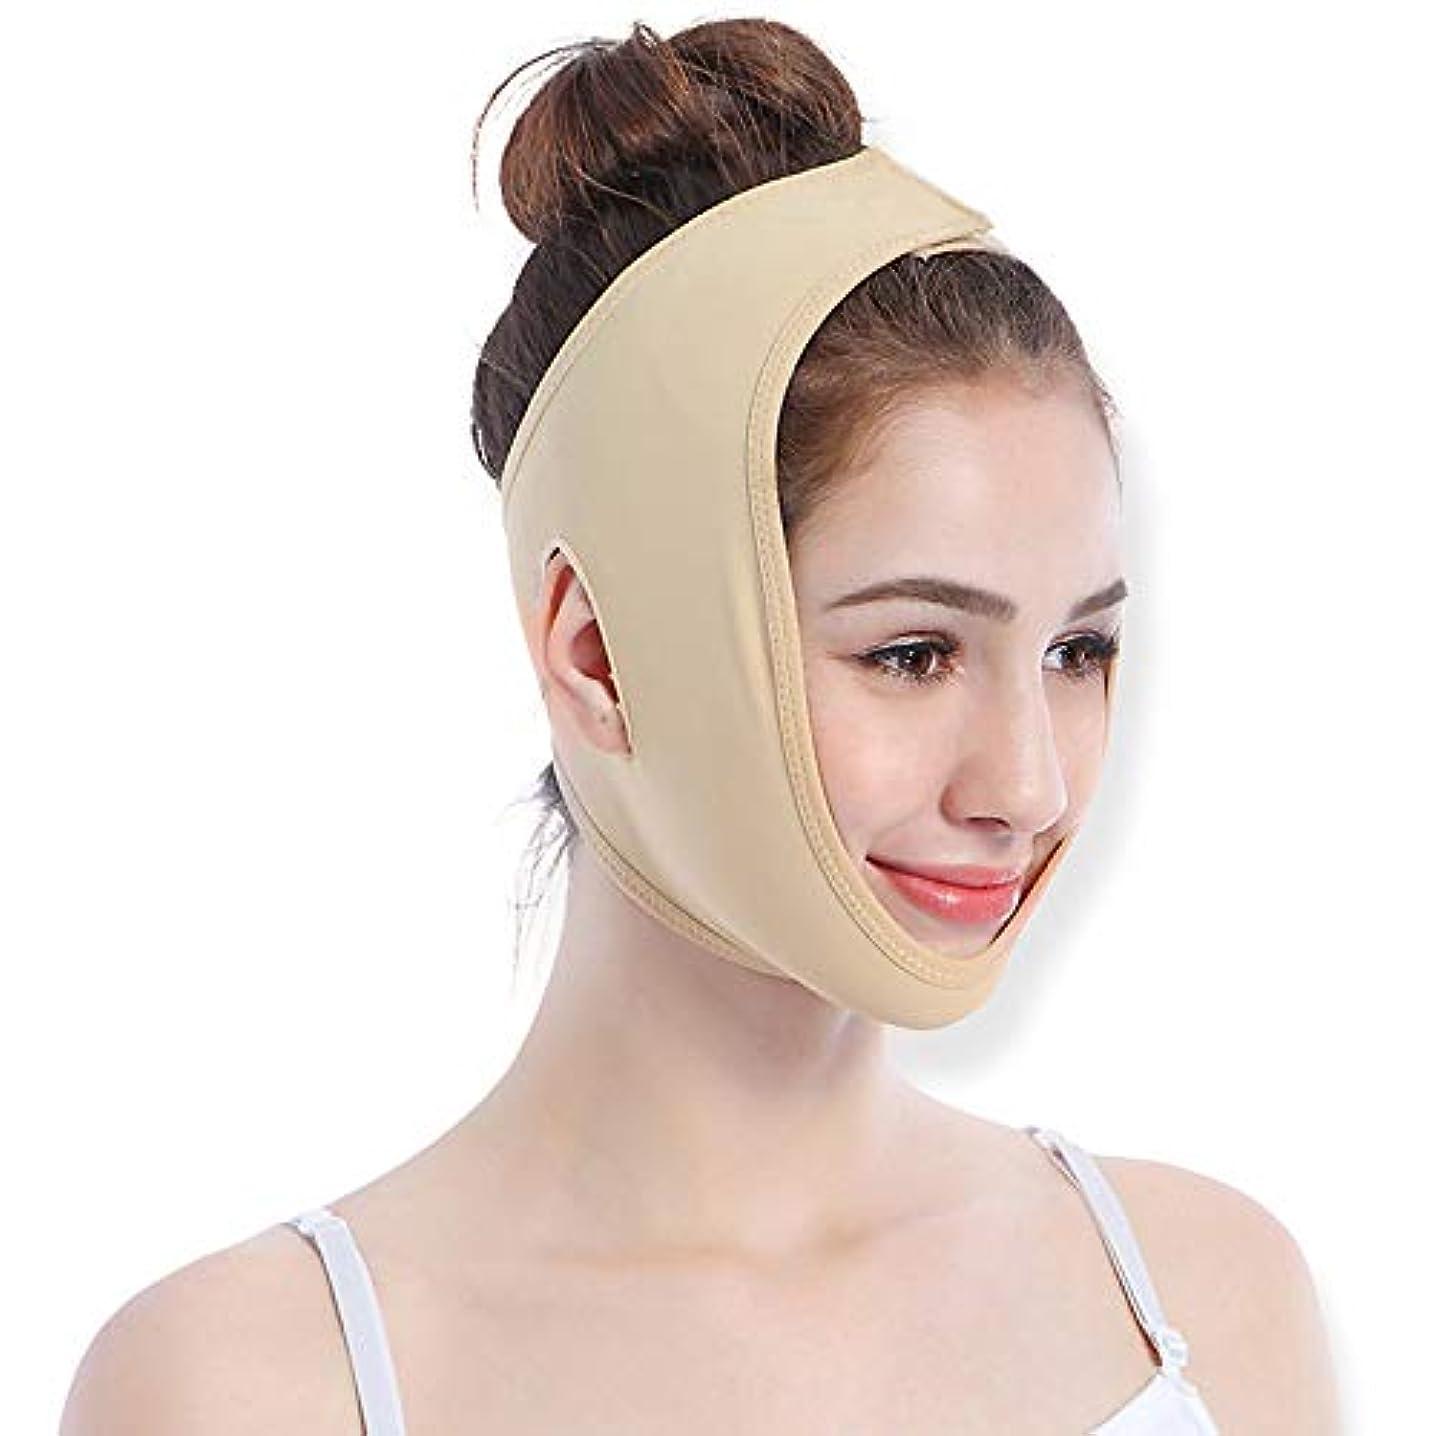 再集計ハーブくつろぎ顔の重量損失通気性顔マスク睡眠 V 顔マスク顔リフティング包帯リフティング引き締めフェイスリフティングユニセックス,S